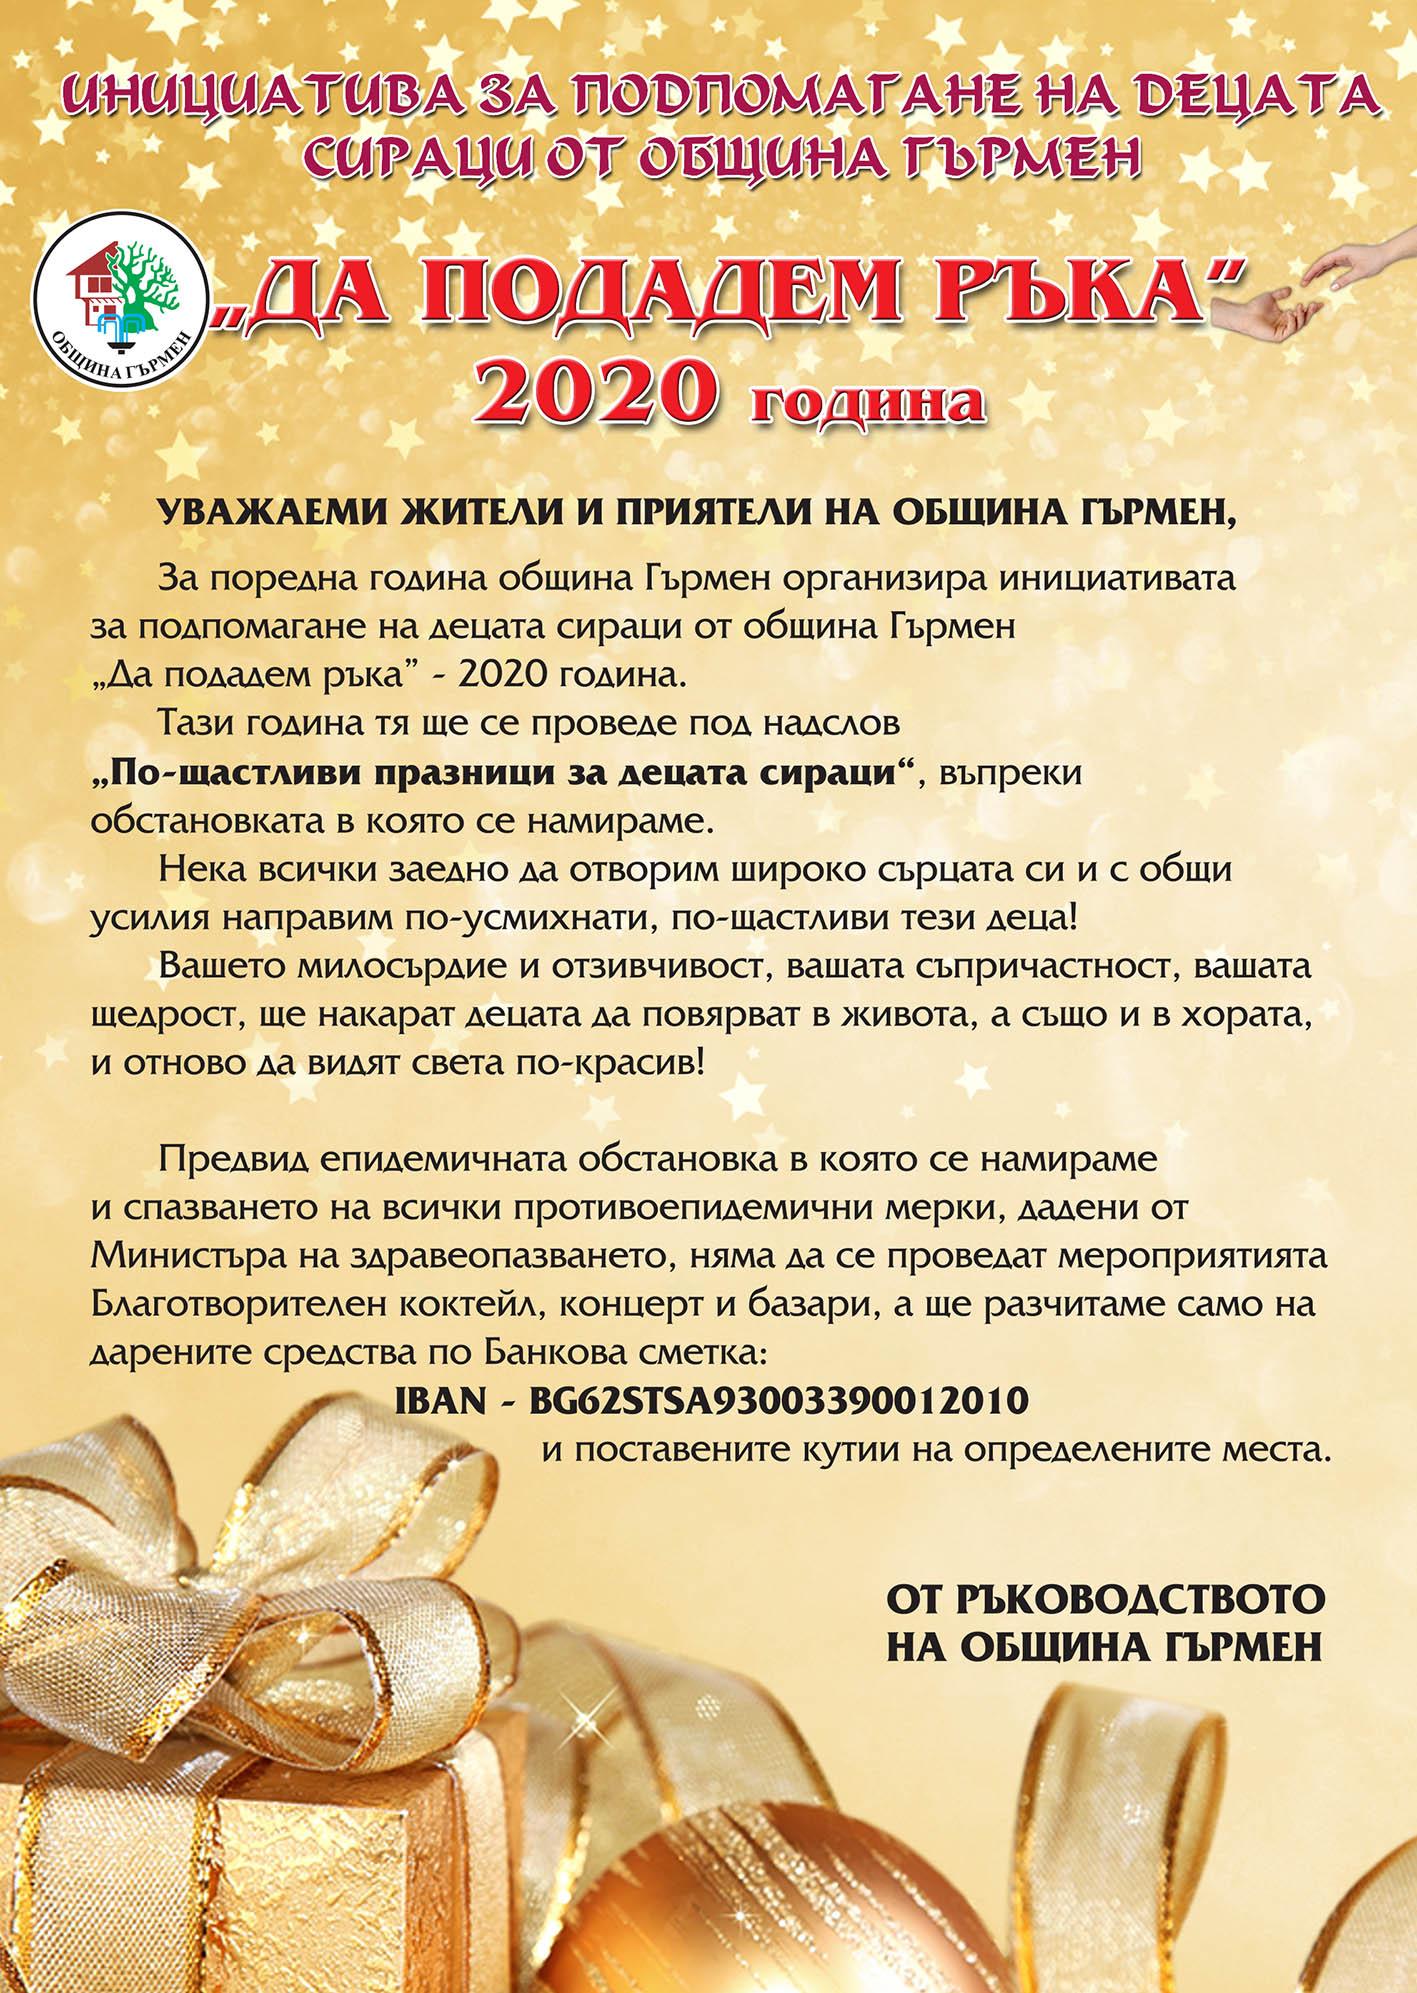 AFISH 2020 copy